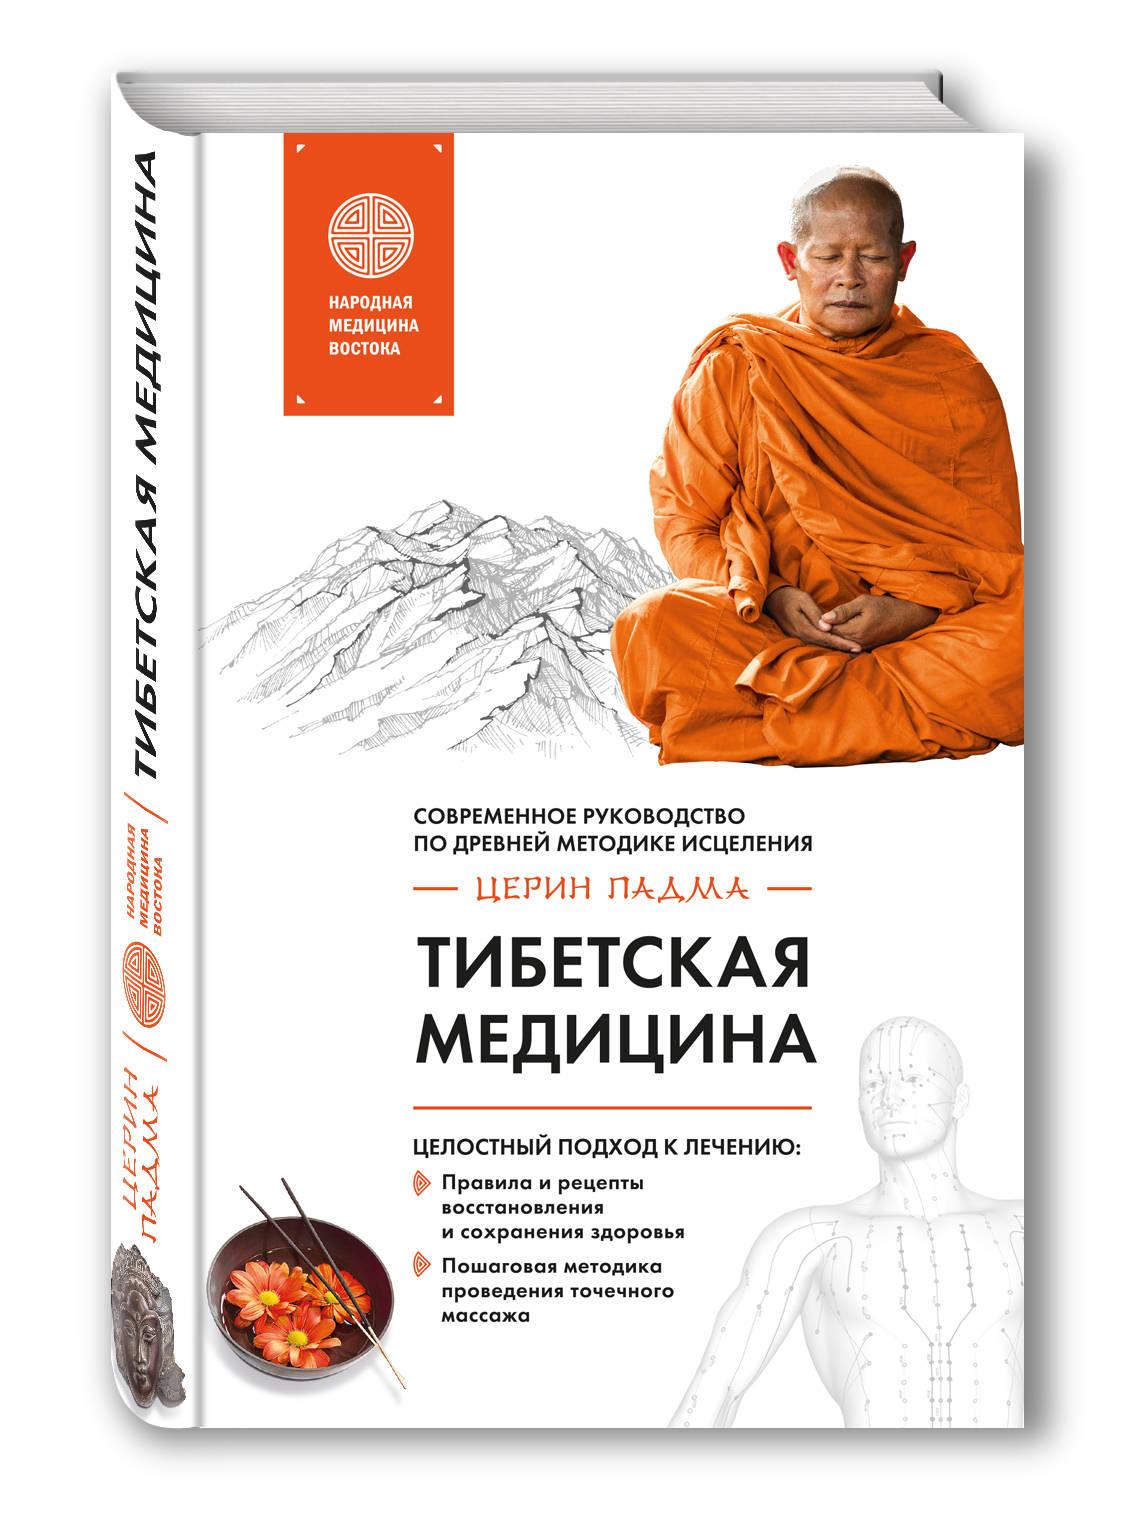 Церин Падма Тибетская медицина церин п тибетская медицина современное руководство по древней методике исцеления